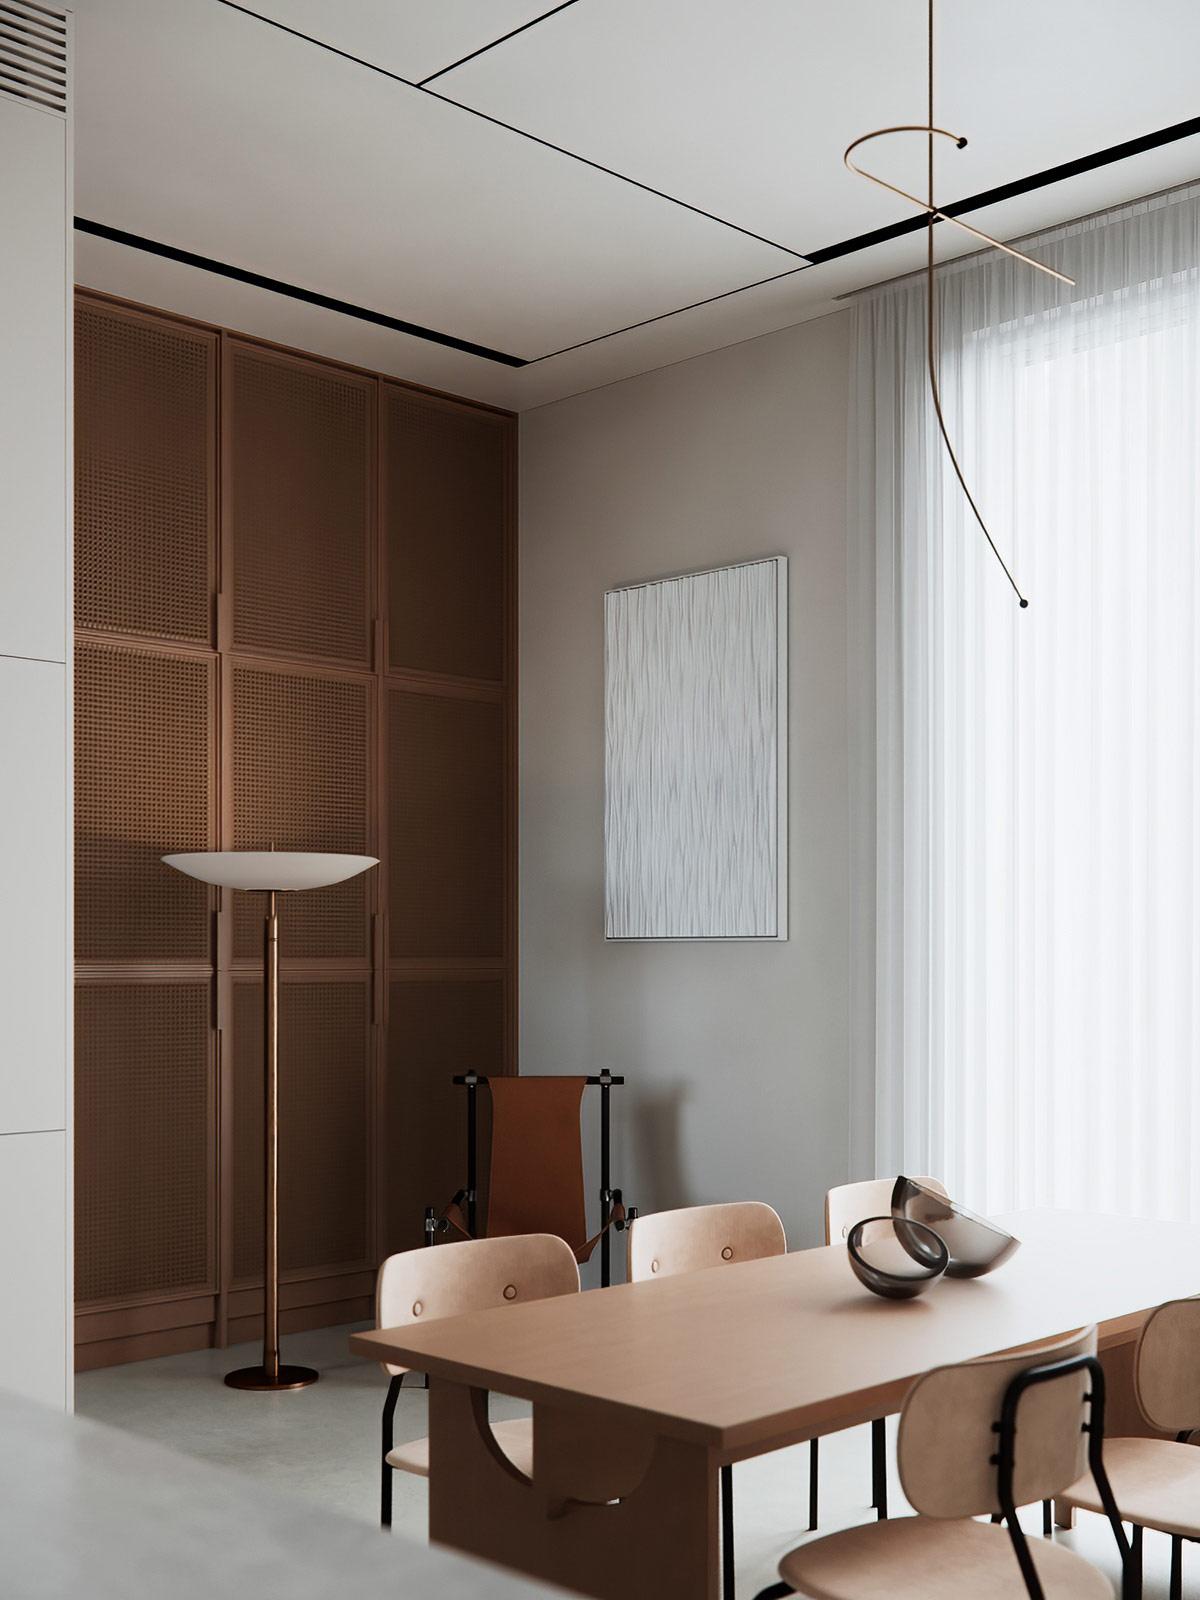 hình ảnh một góc phòng ăn với bàn ghế ăn và tủ gỗ phía sau đèn sàn